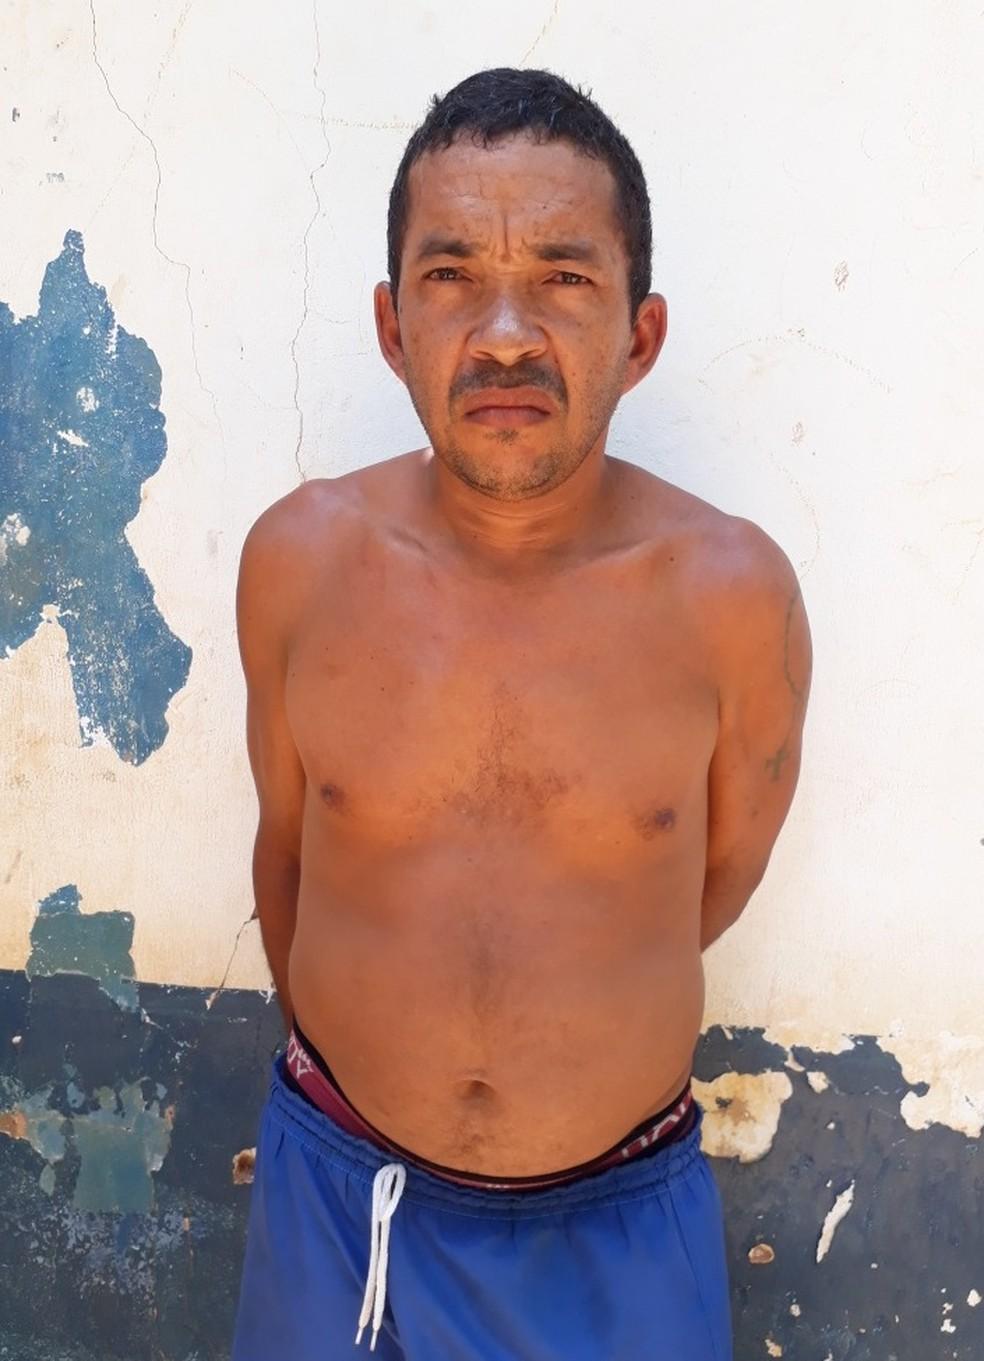 Marcelio de Oliveira Silva foi preso no bairro Matadouro em Matões — Foto: Divulgação/Polícia